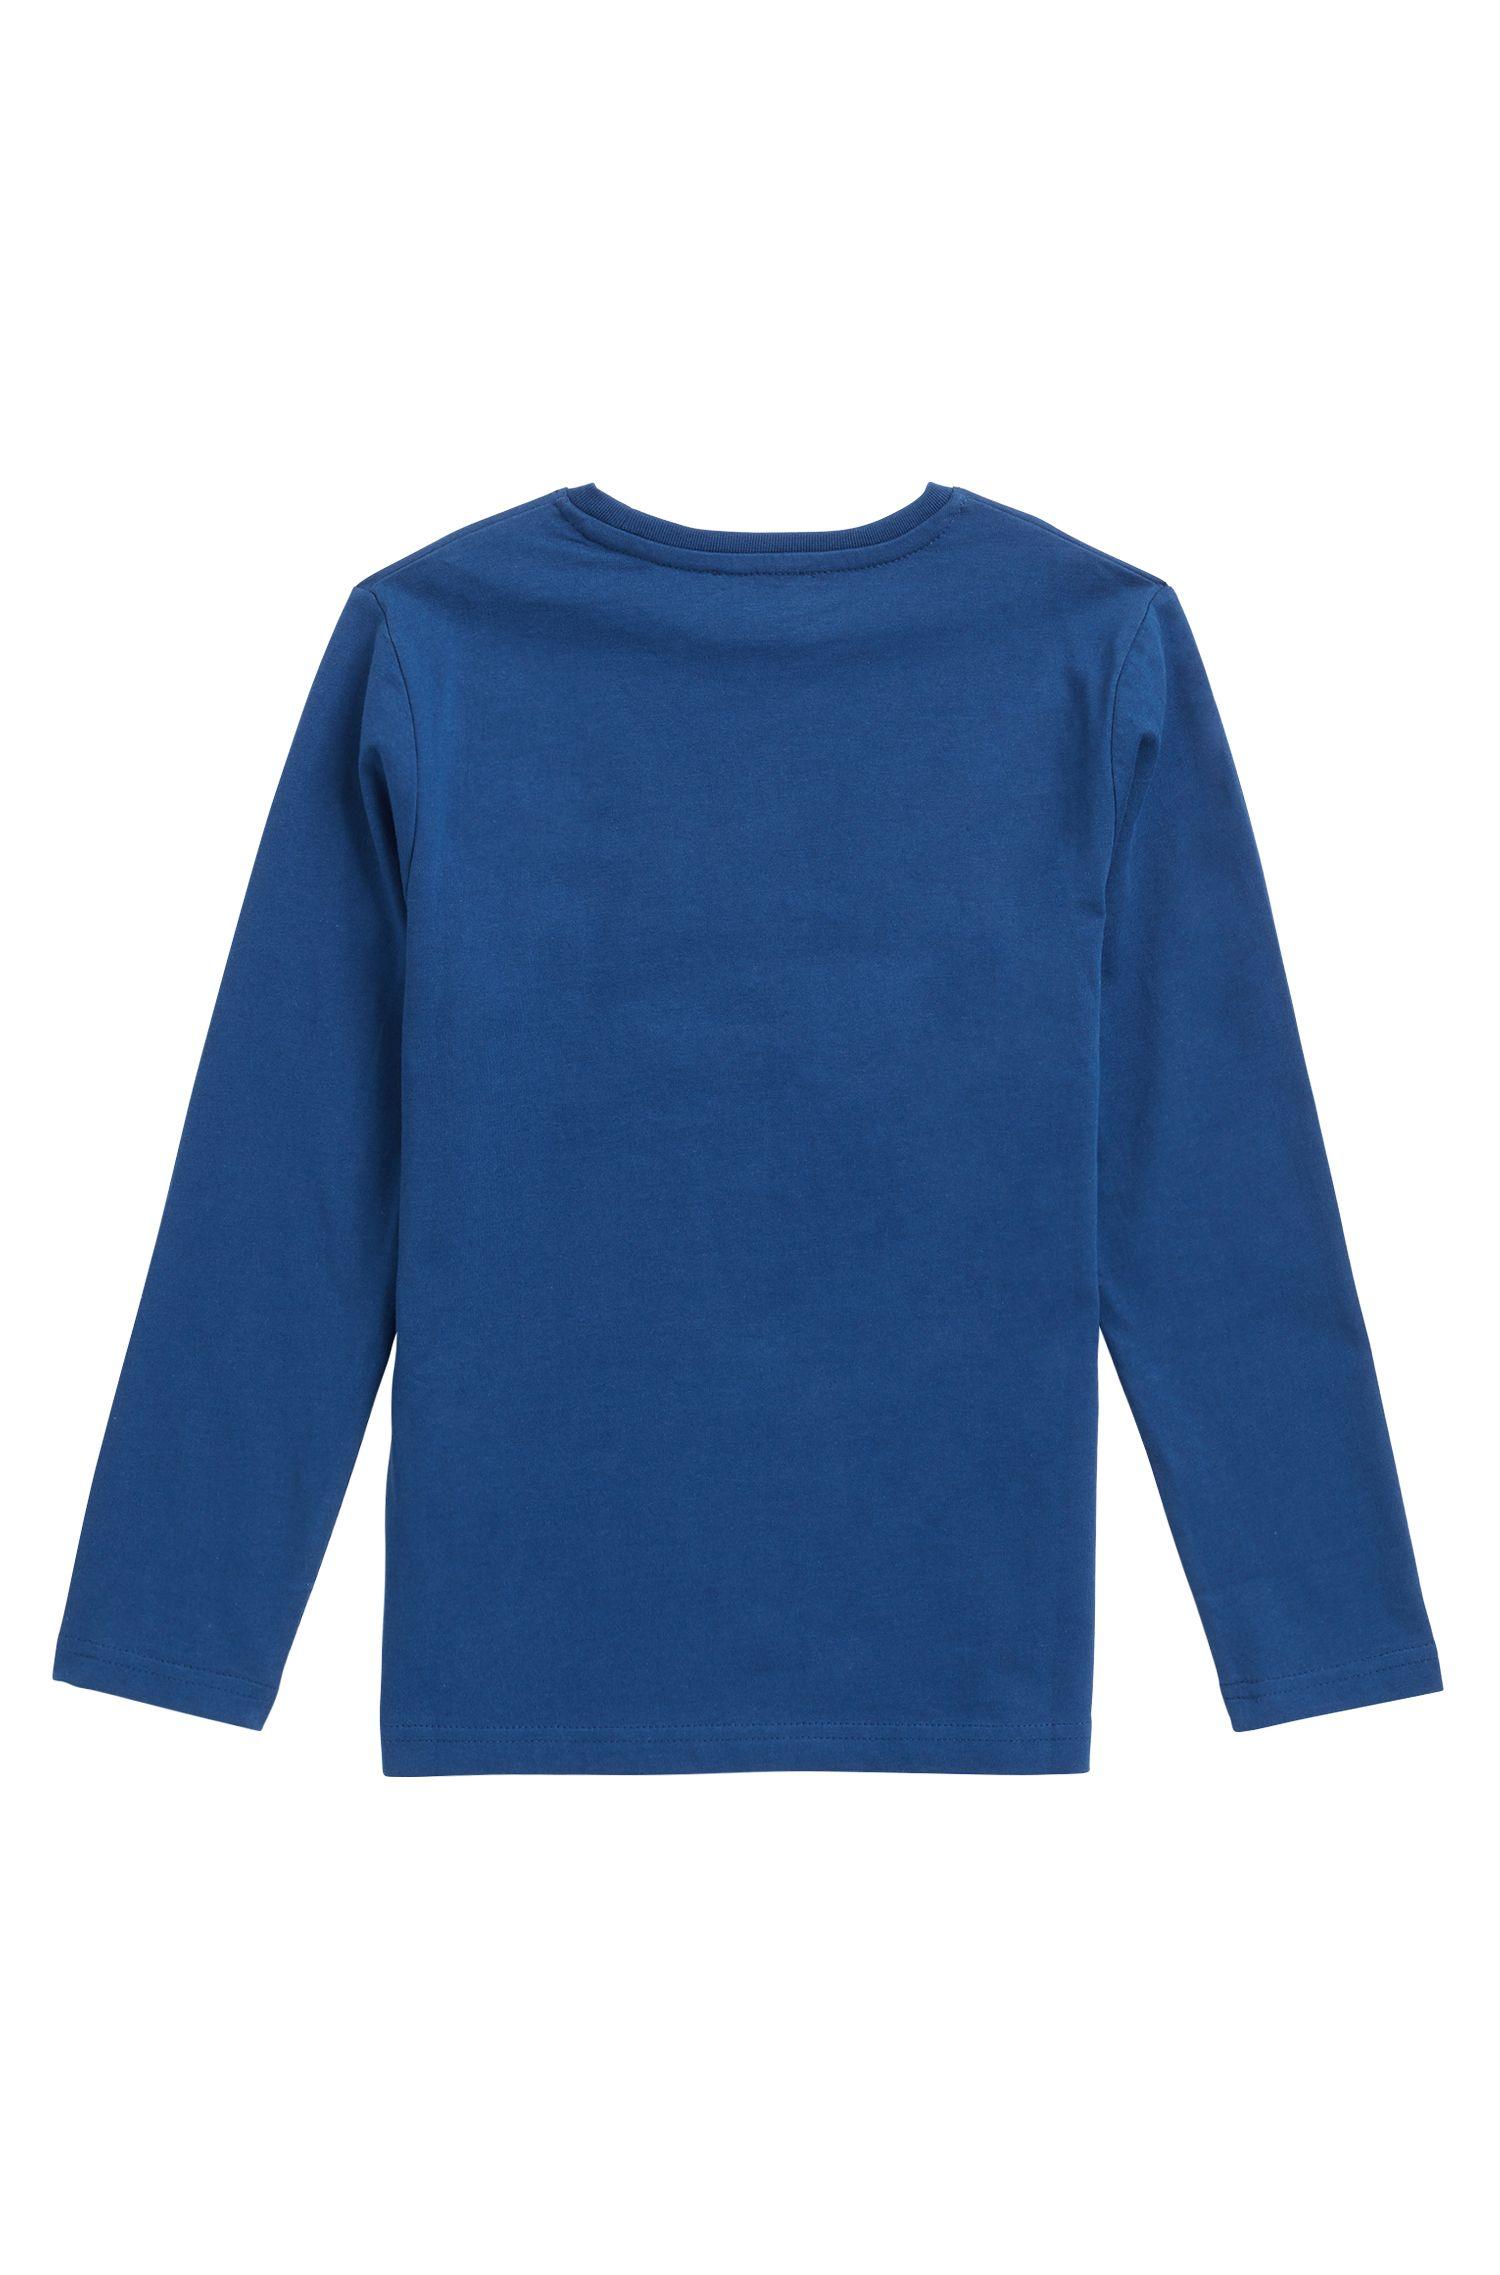 T-shirt en coton pour enfant à manches longues et logo graphique imprimé, Bleu